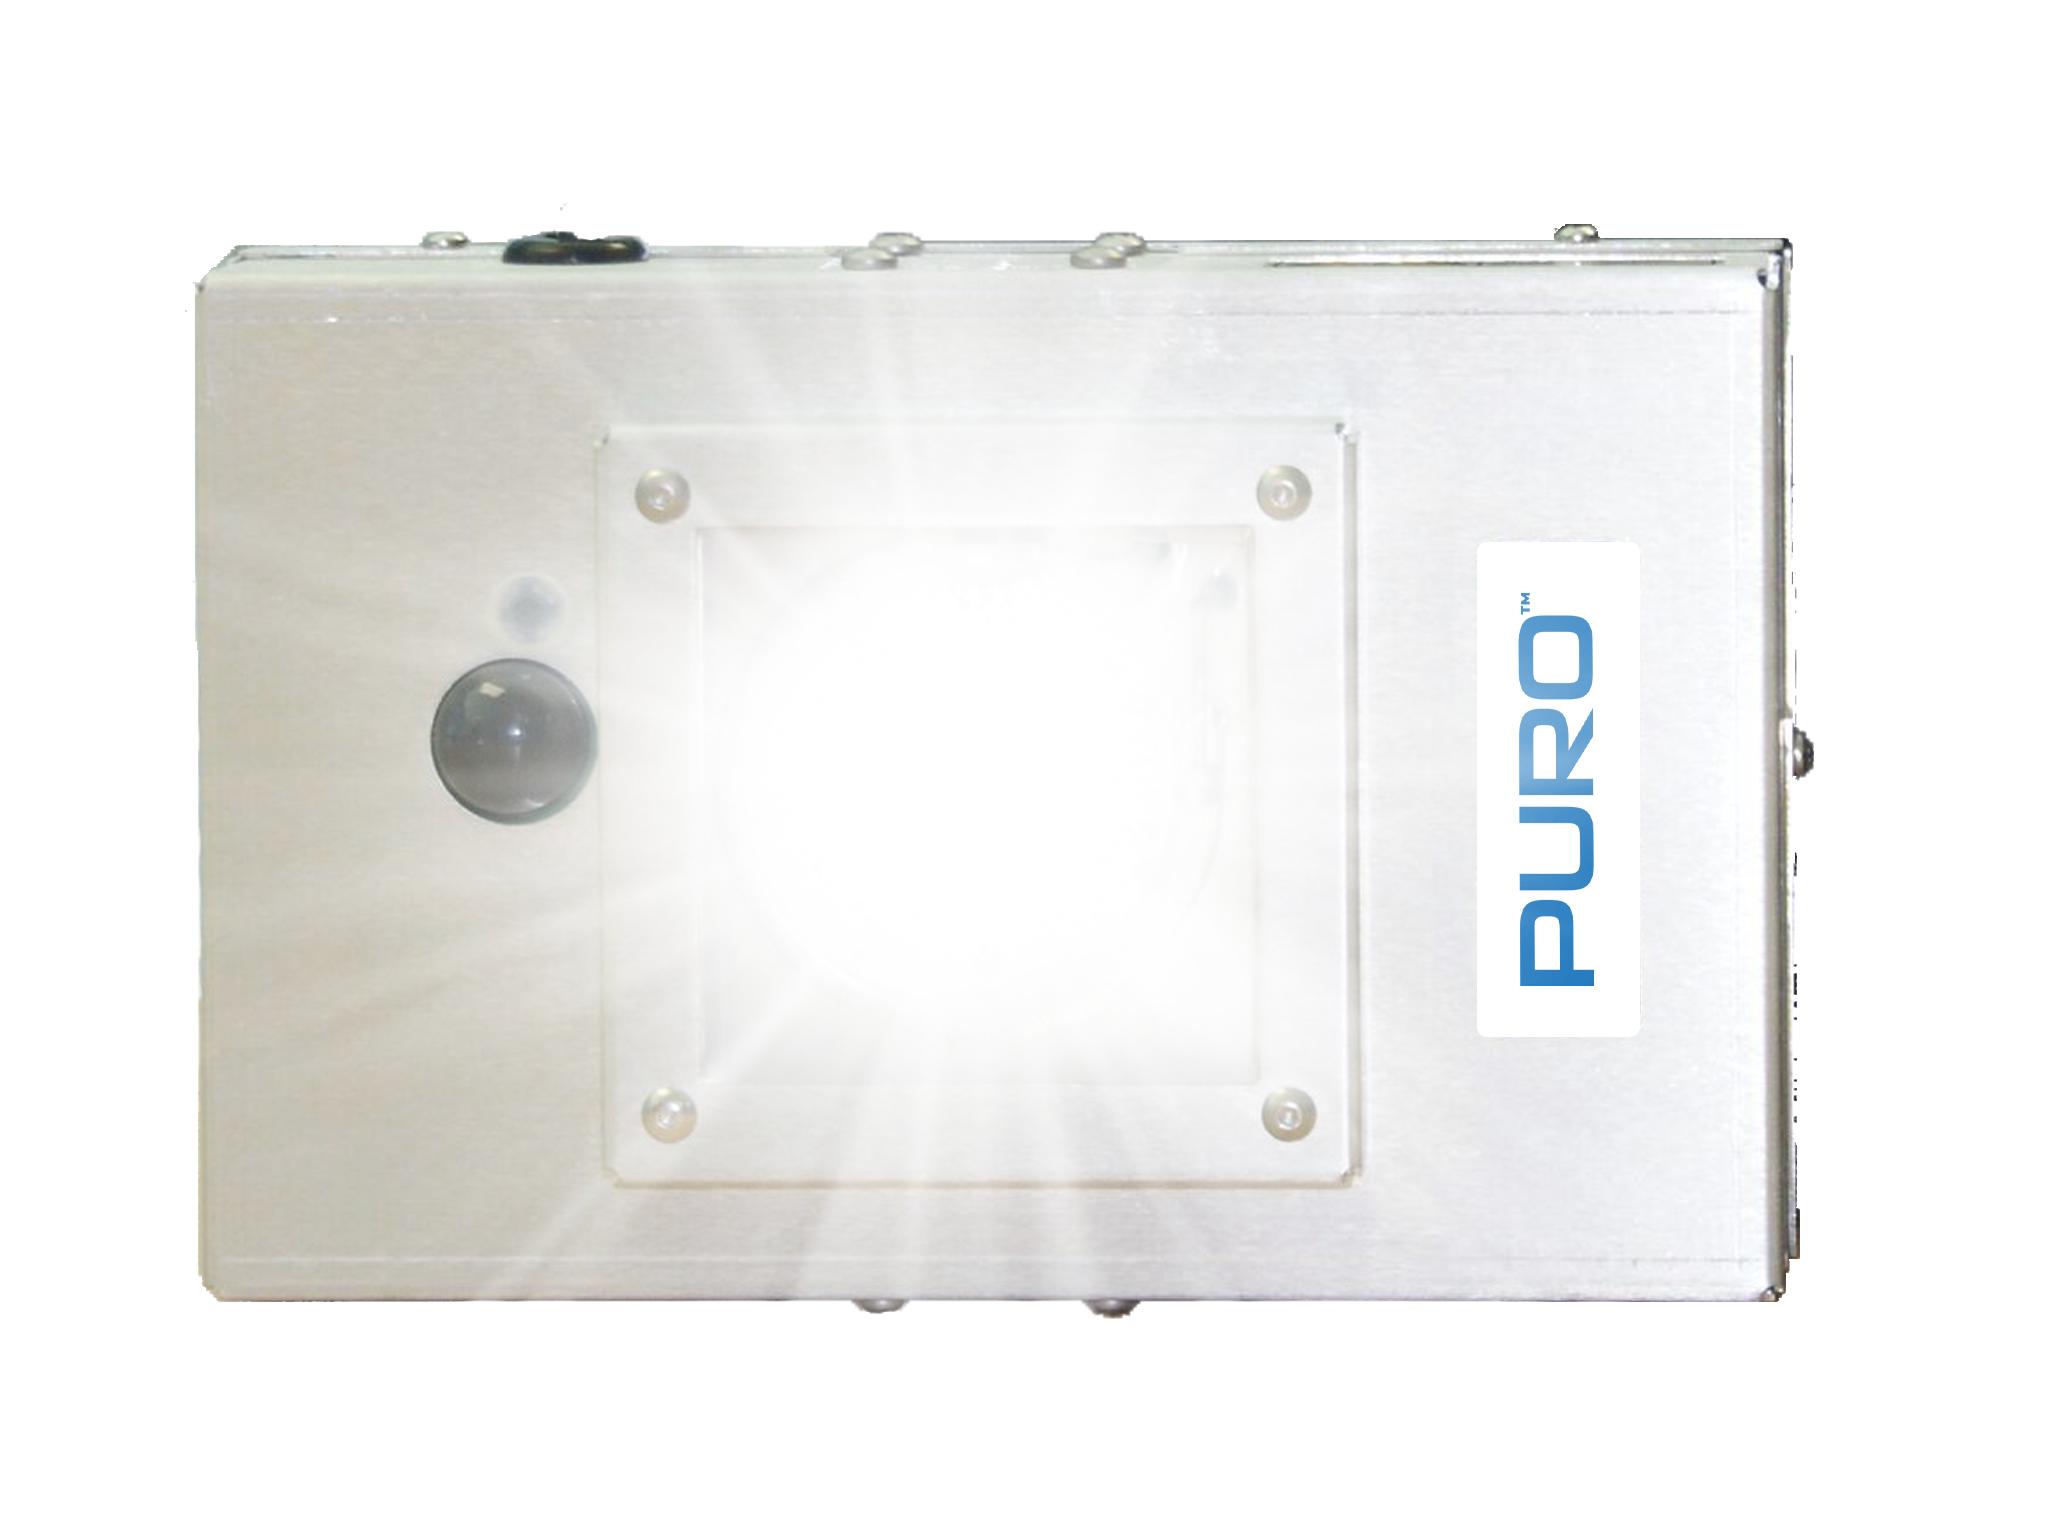 PURO Helo F1 UV Light Fixture- Hard Mounted UV Light